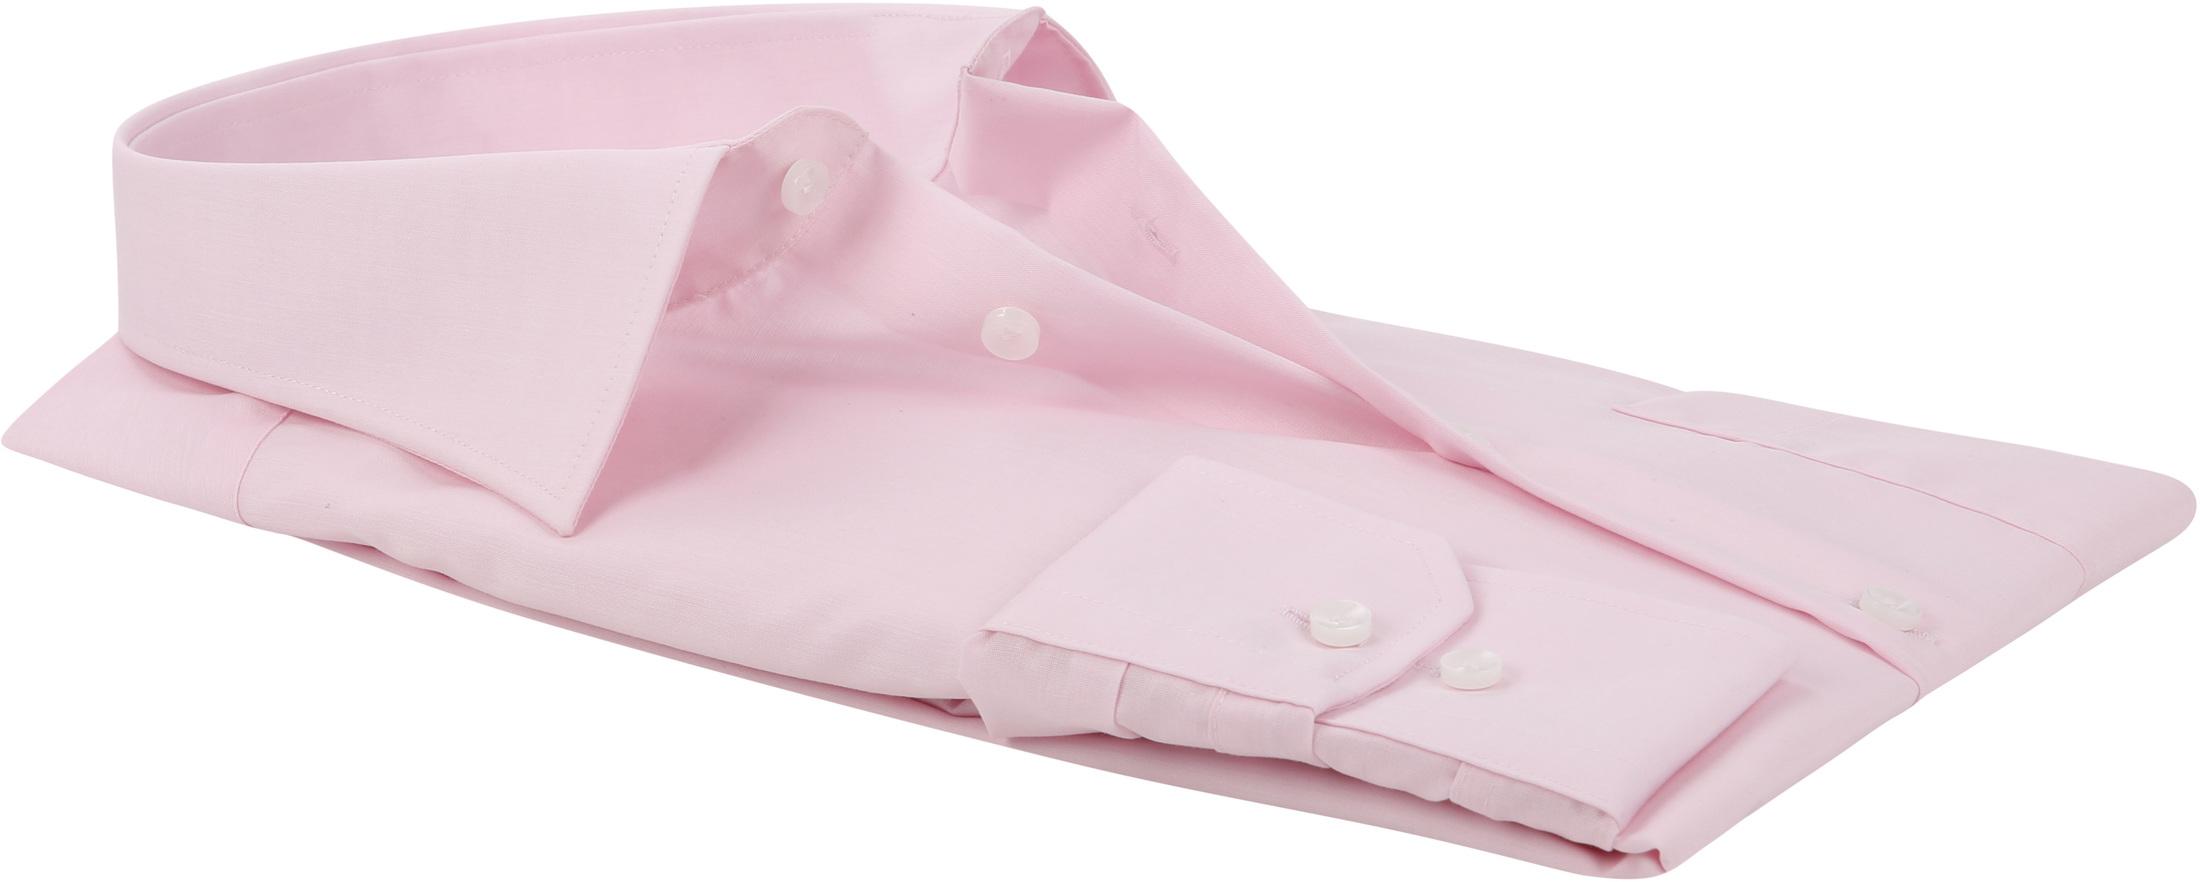 Seidensticker Splendesto Overhemd Roze foto 3